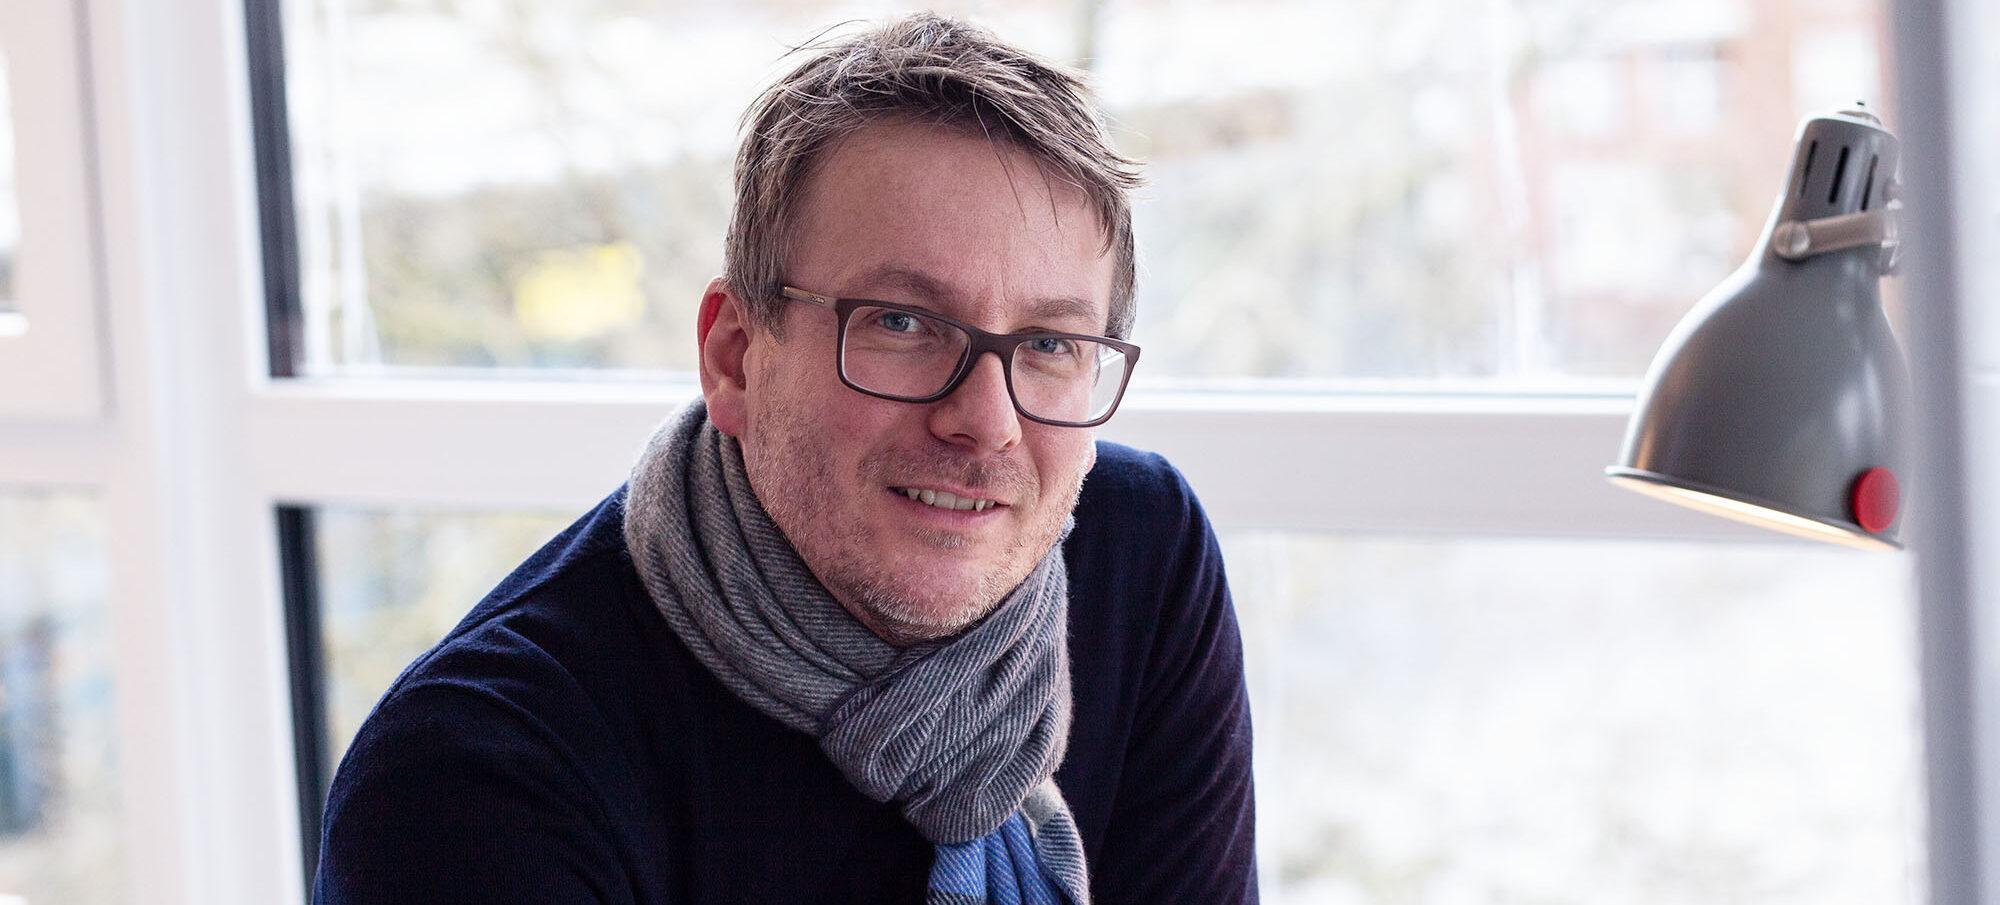 Lennart Breternitz zur Klimaschutzsiedlung Bauen in Bremen